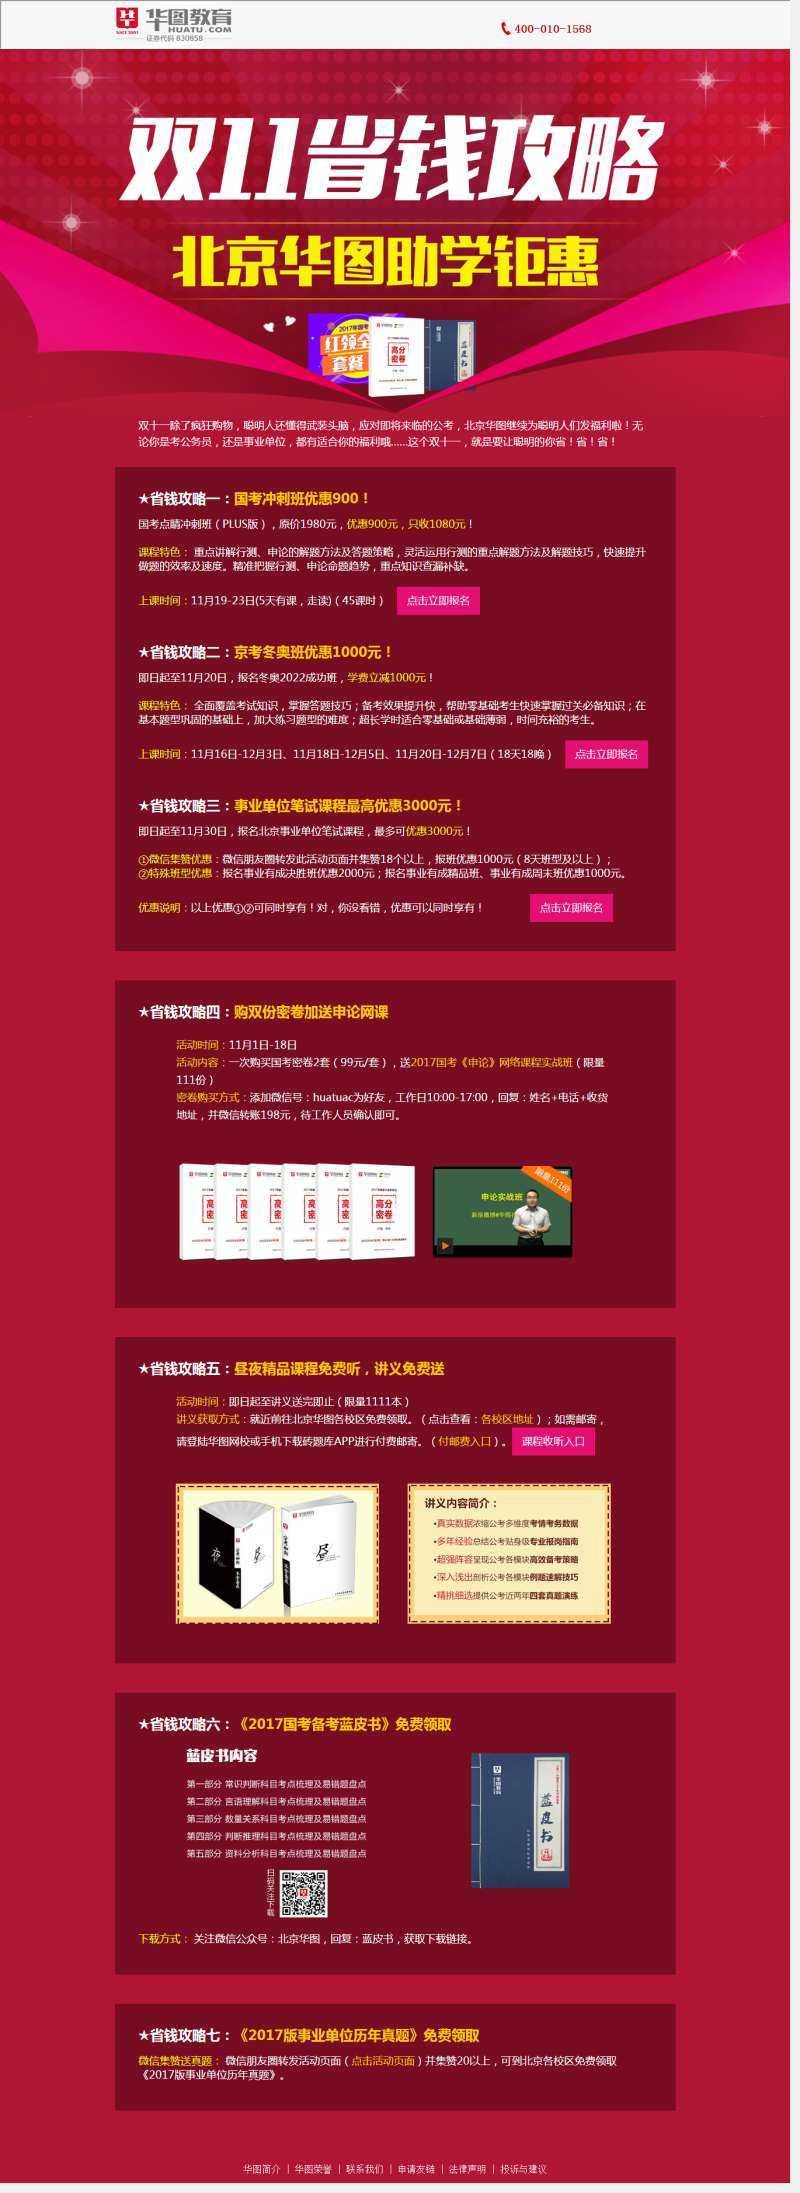 红色的双11公务员考试培训活动页面模板